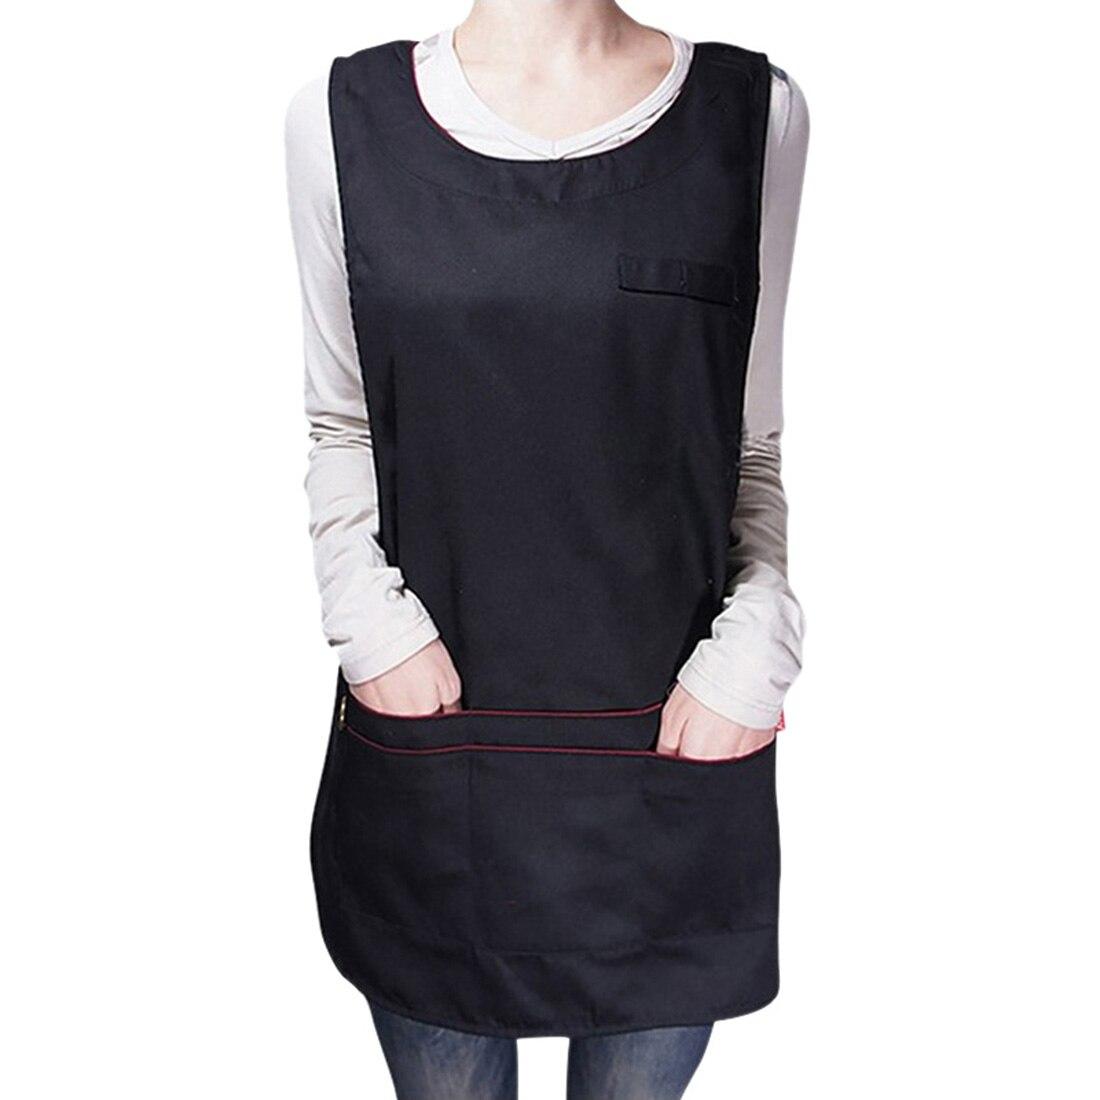 Aventais quentes para a mulher cozinha avental de trabalho para homens butcher livraria avental cozinhar cozimento café wookwear cozinha chef wookwear